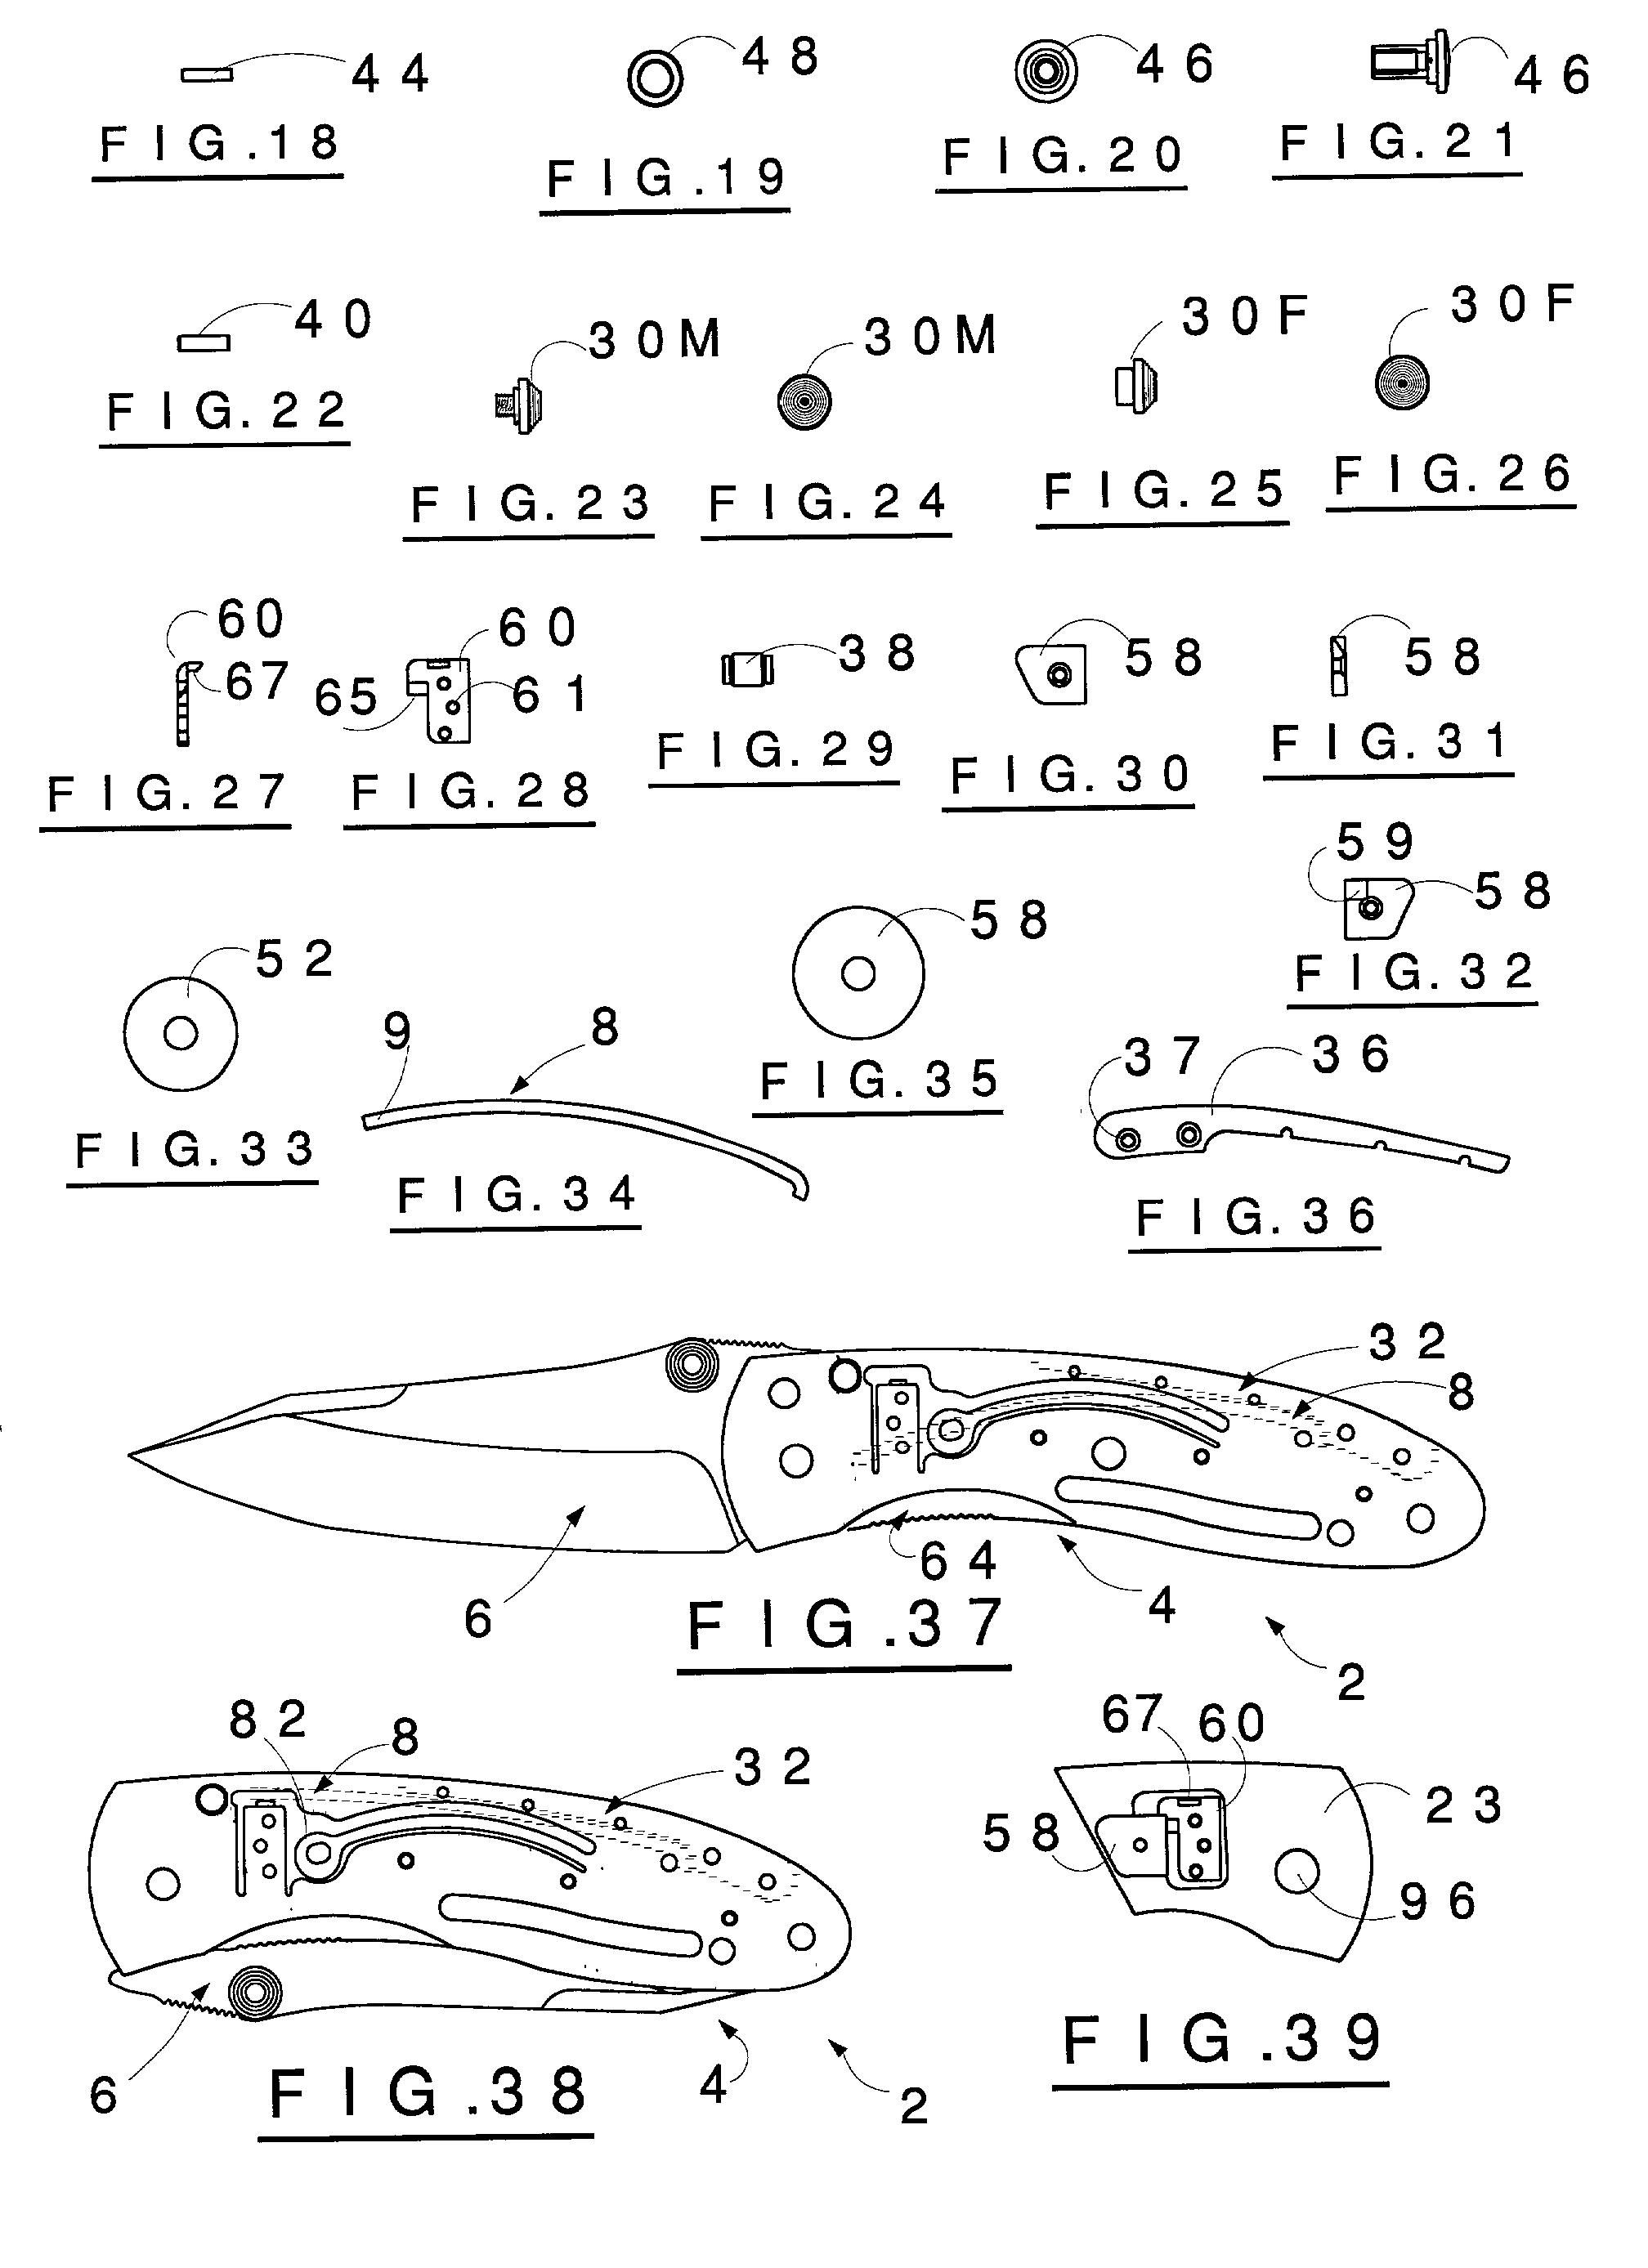 Brevet US20020104220 - Hidden trigger double action folding knives - GoogleBrevets